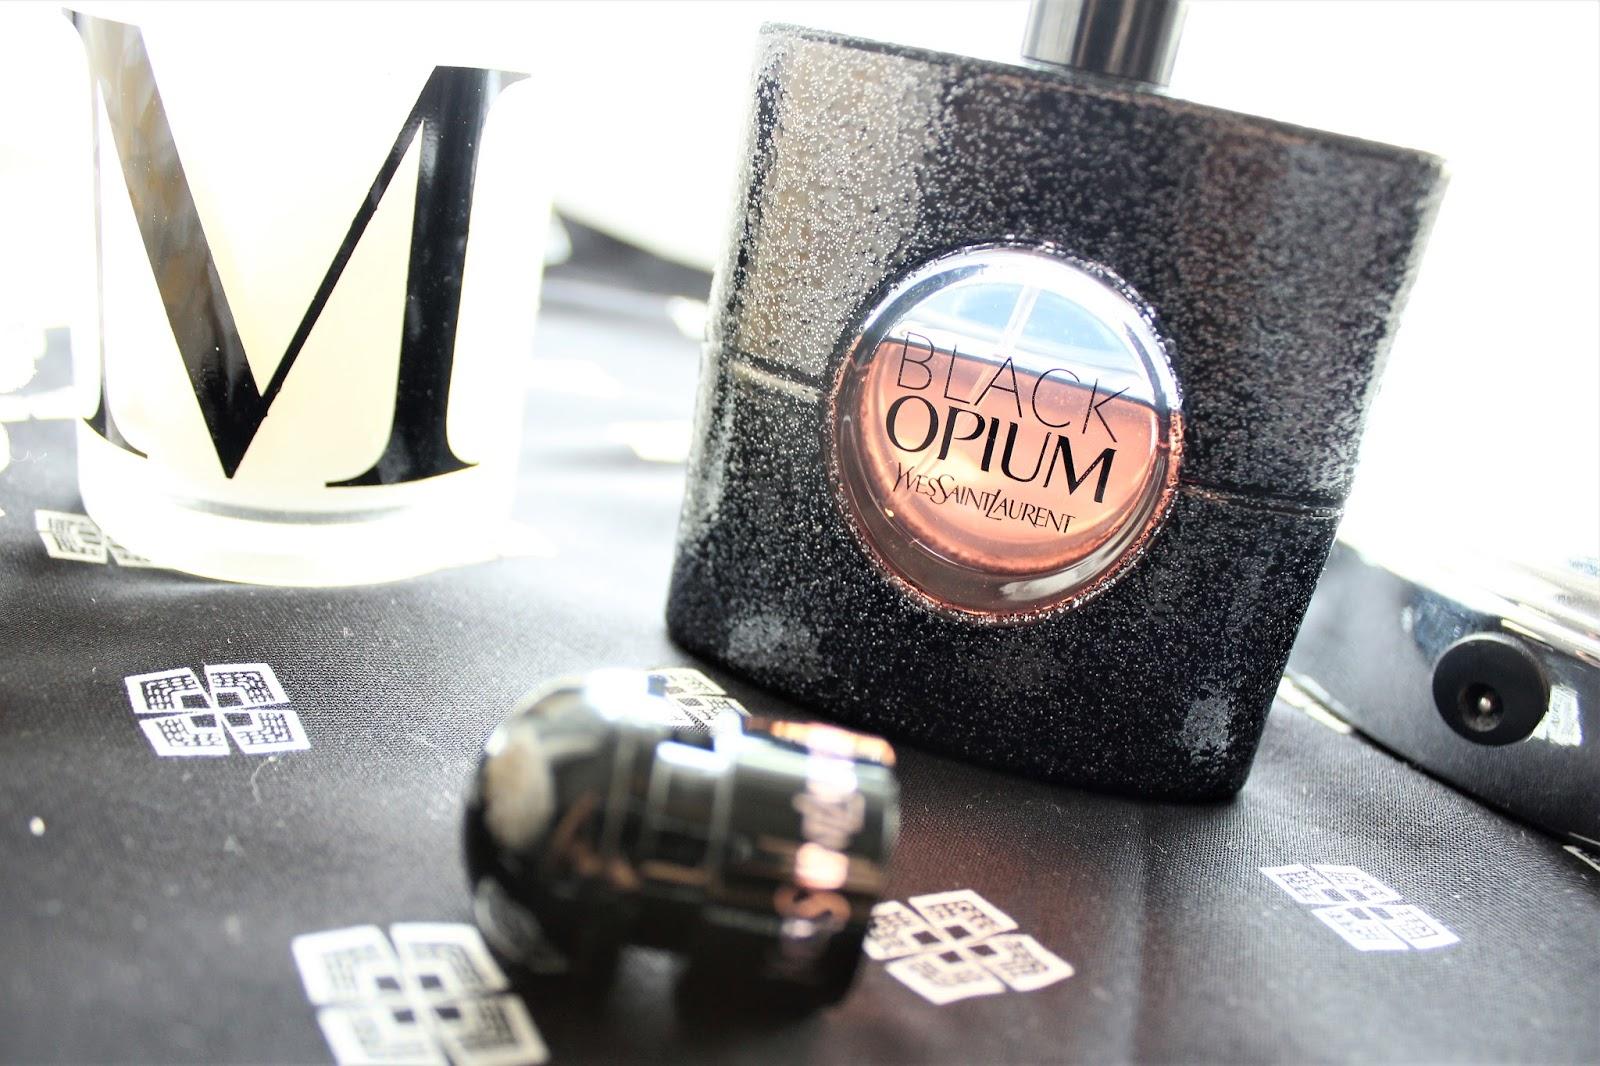 ysl black opium review